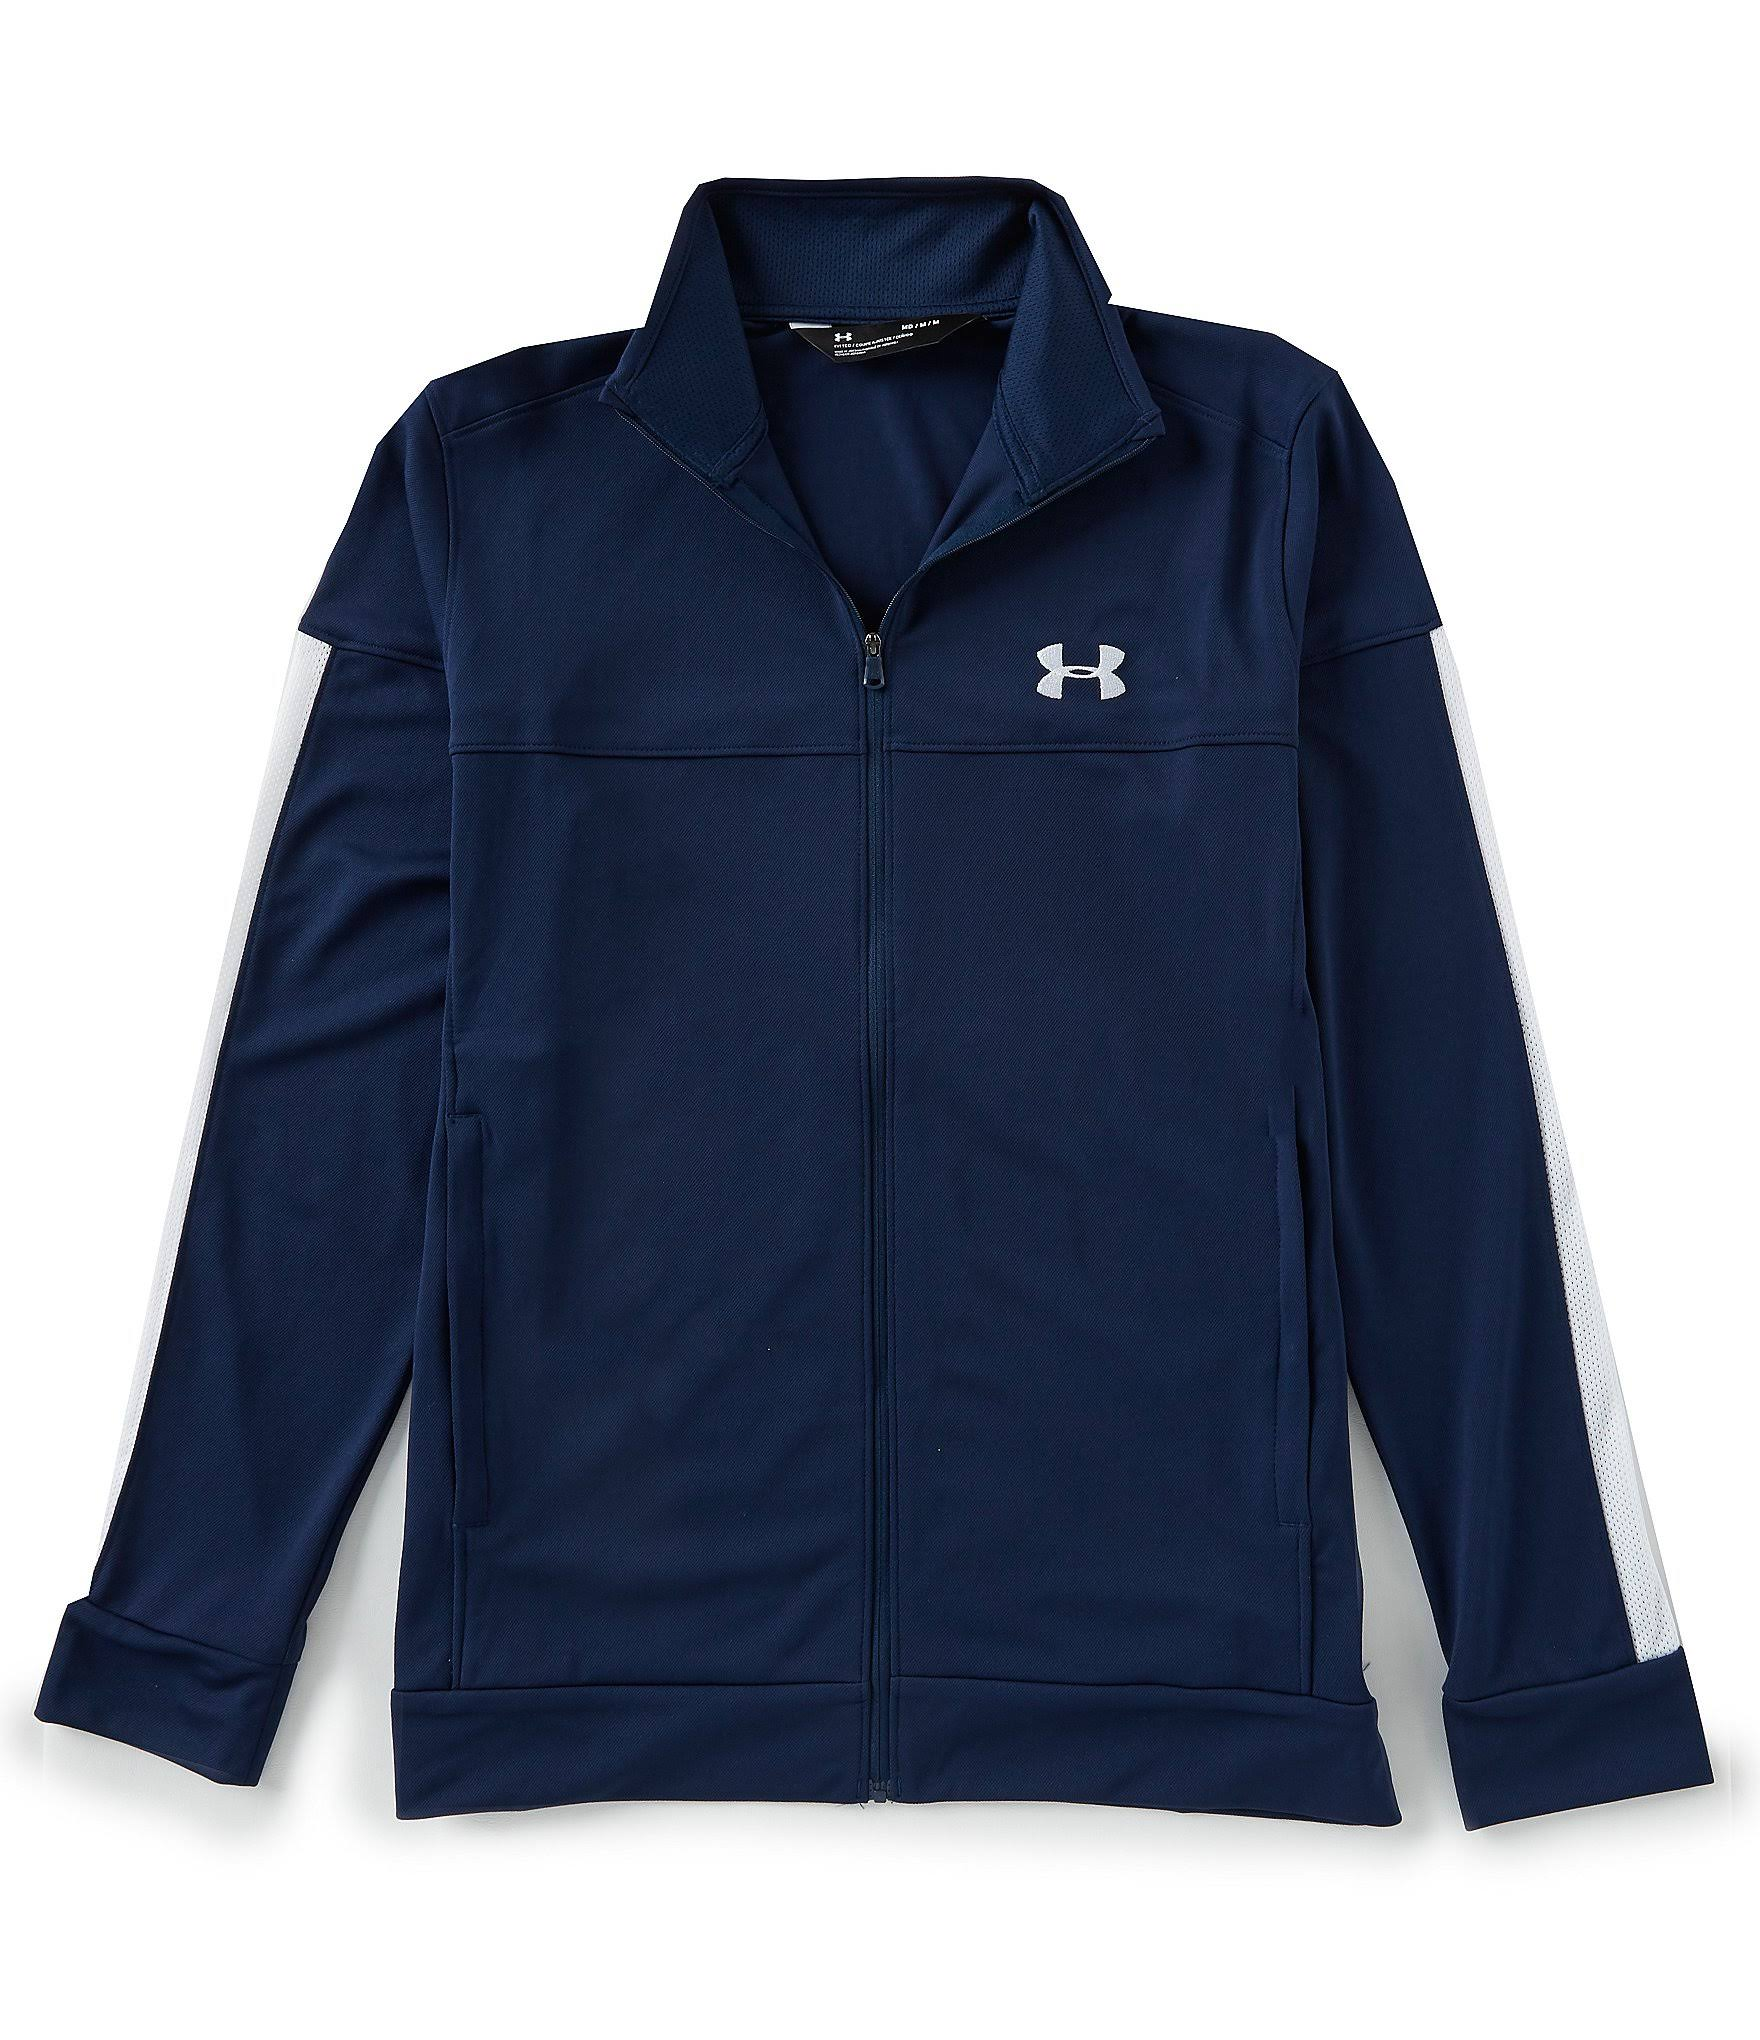 Größe Under 3xl Pique Armour Männerakademie Sportstyle Weiß Jacket xqFH7q1wf